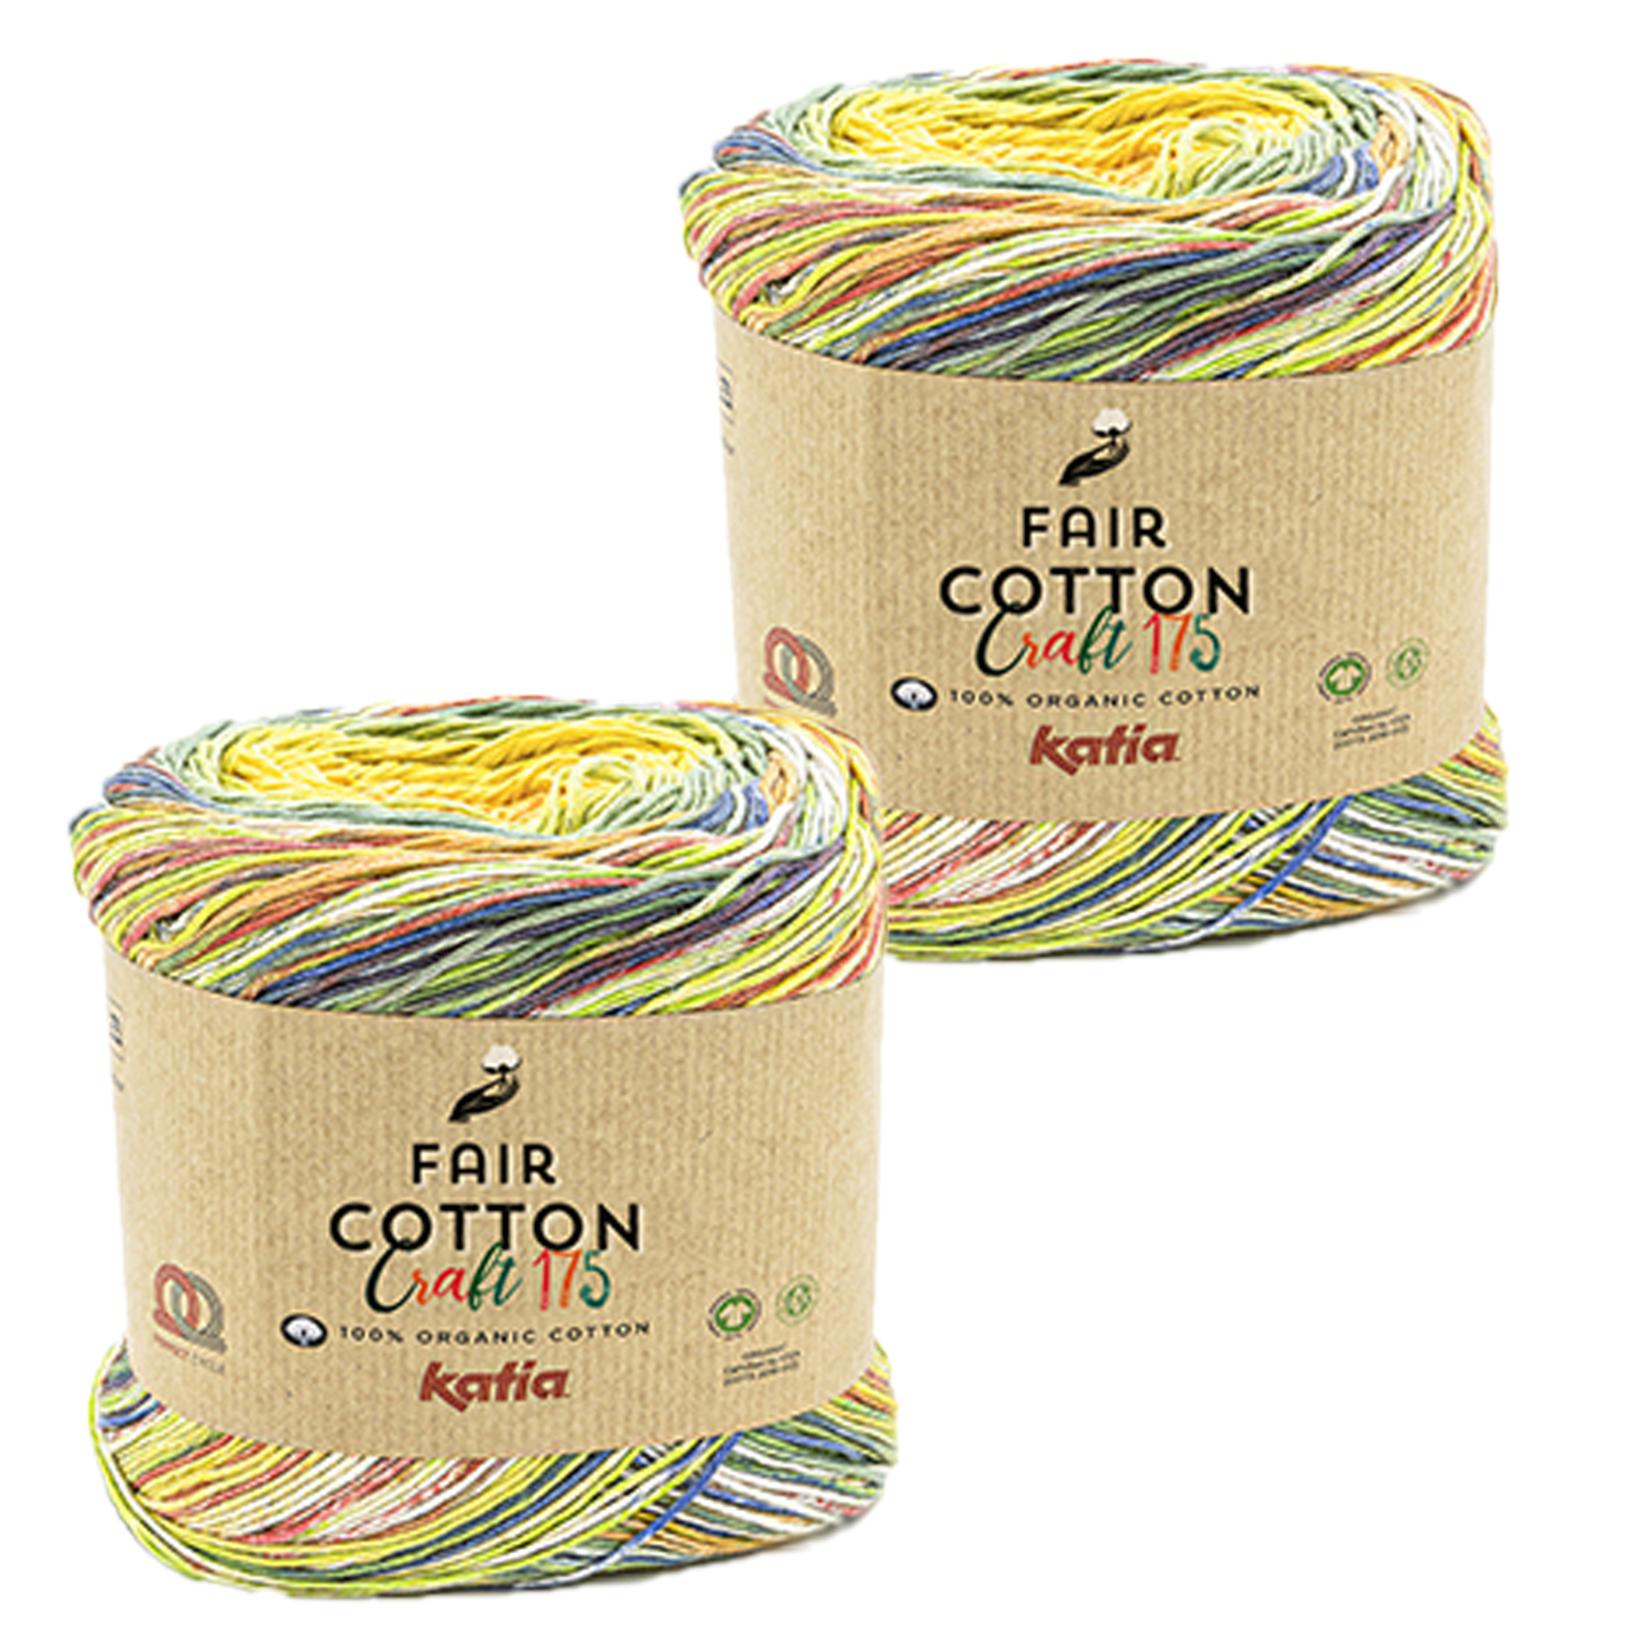 Katia Katia Fair Cotton Craft verloopgaren Kleur 802 - bundel 2 bollen x175  gr.